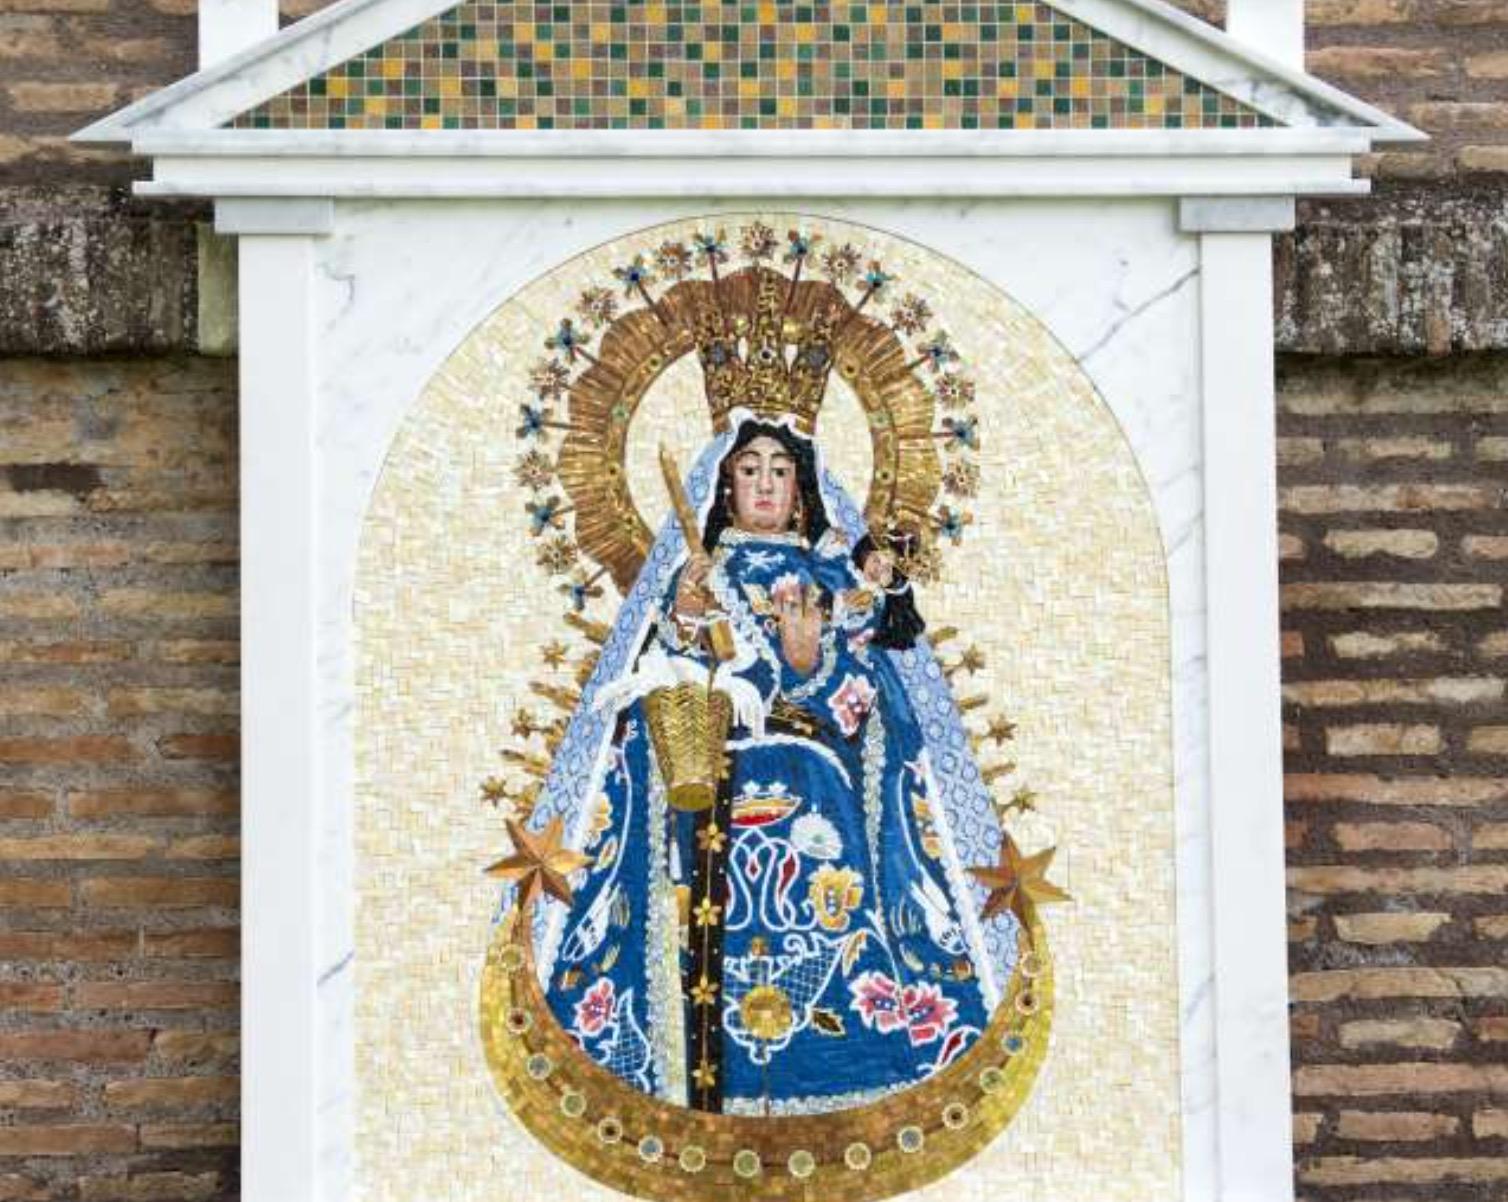 Mosaico representando a la Virgen de Copacabana en los Jardines del Vaticano - (Fto. Cortesía embajada de Boliva ante la Santa Sede)